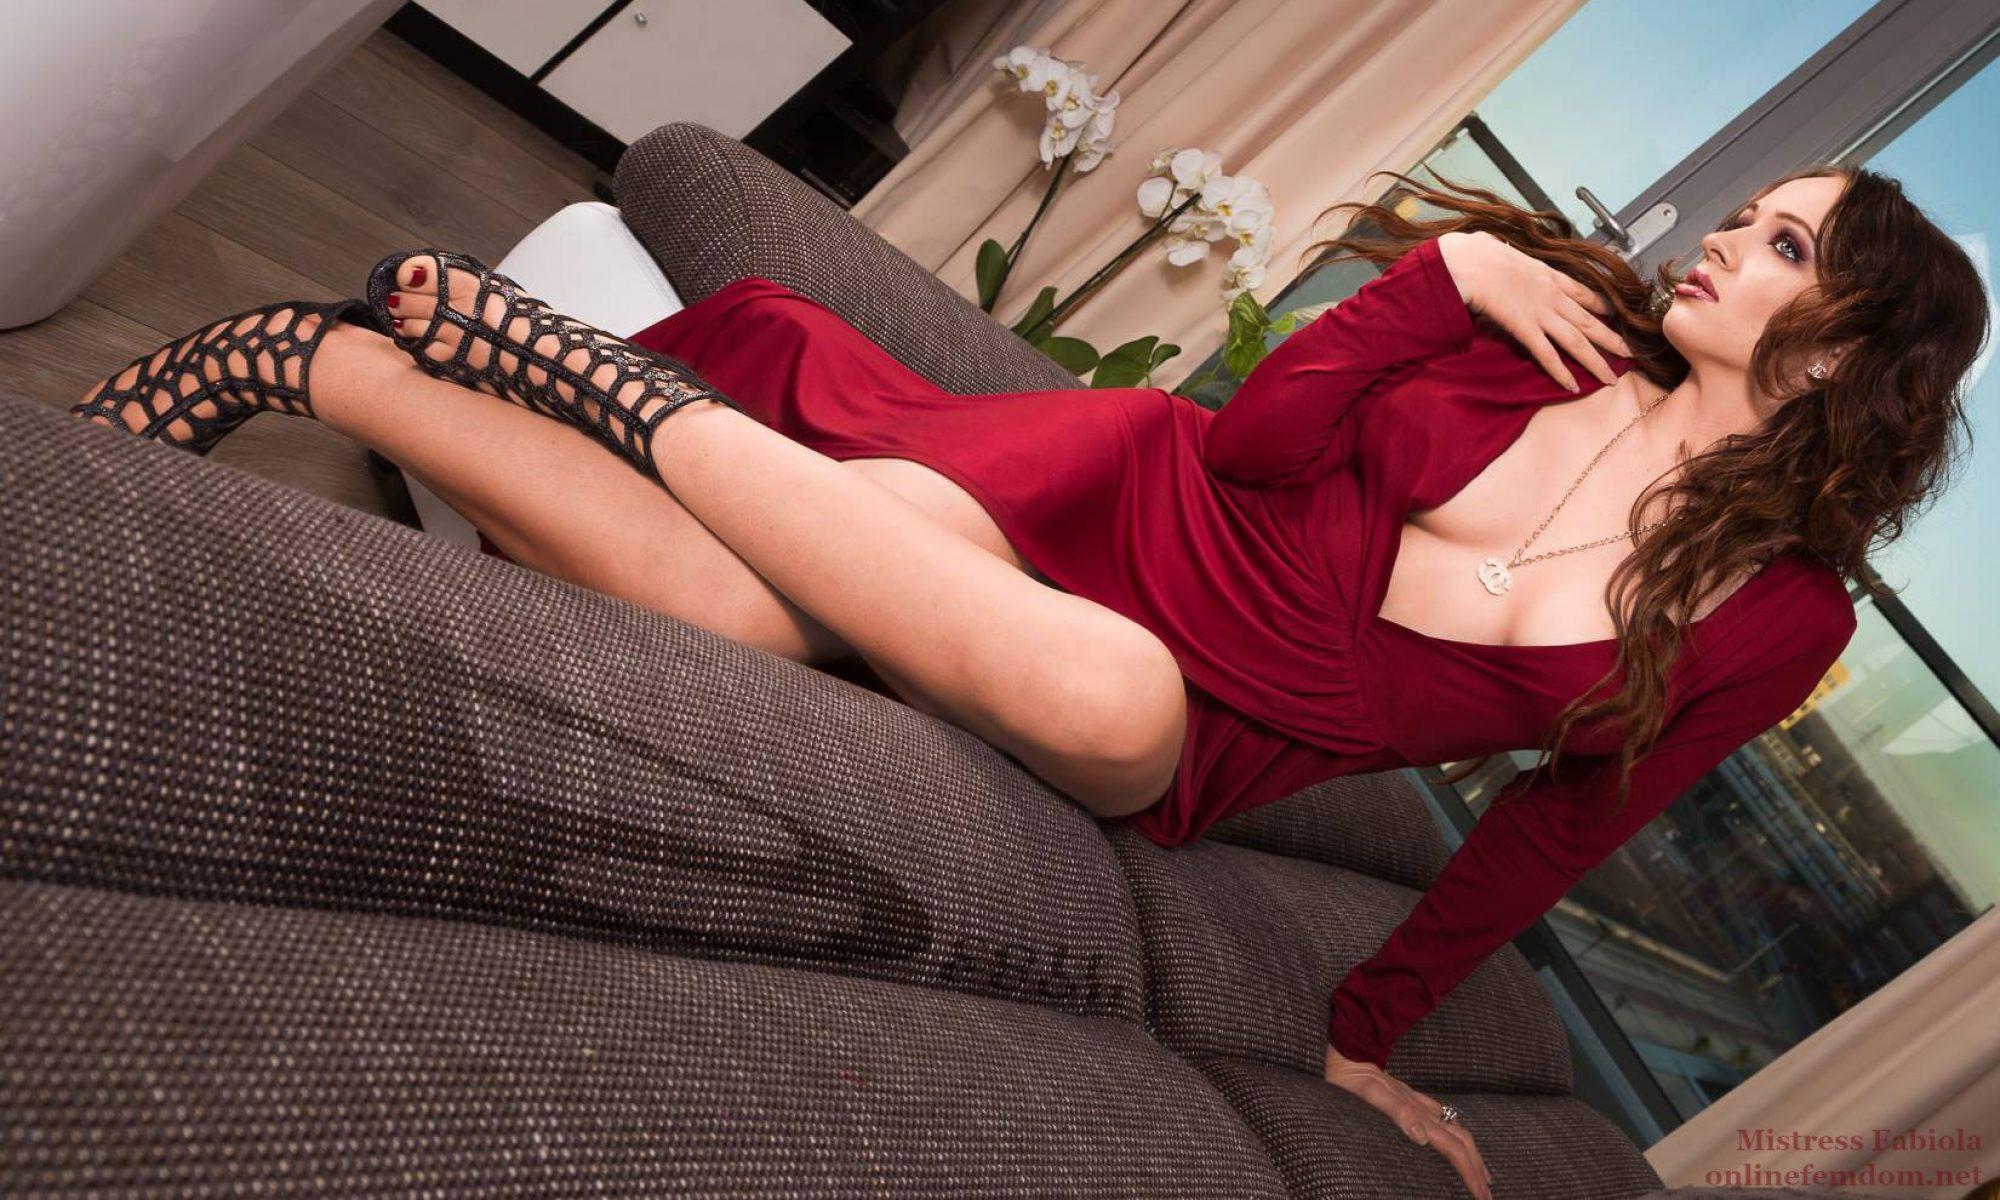 Online Femdom.net - Lady Fabiola Fatale